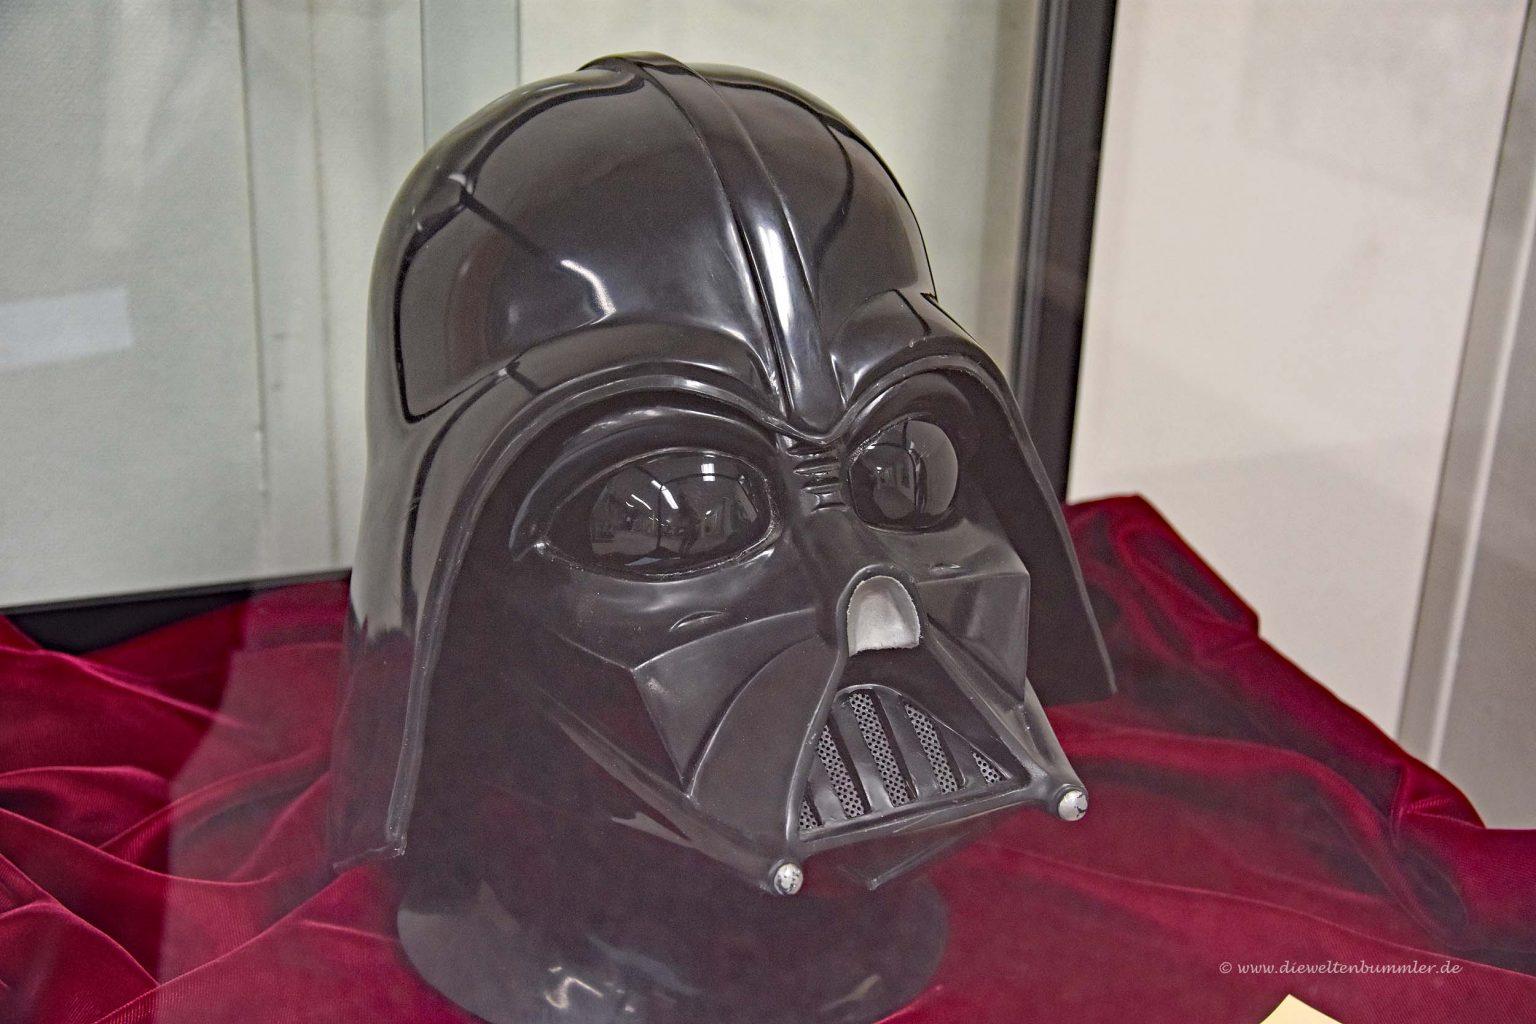 Darth Vader Maske als Geschenk